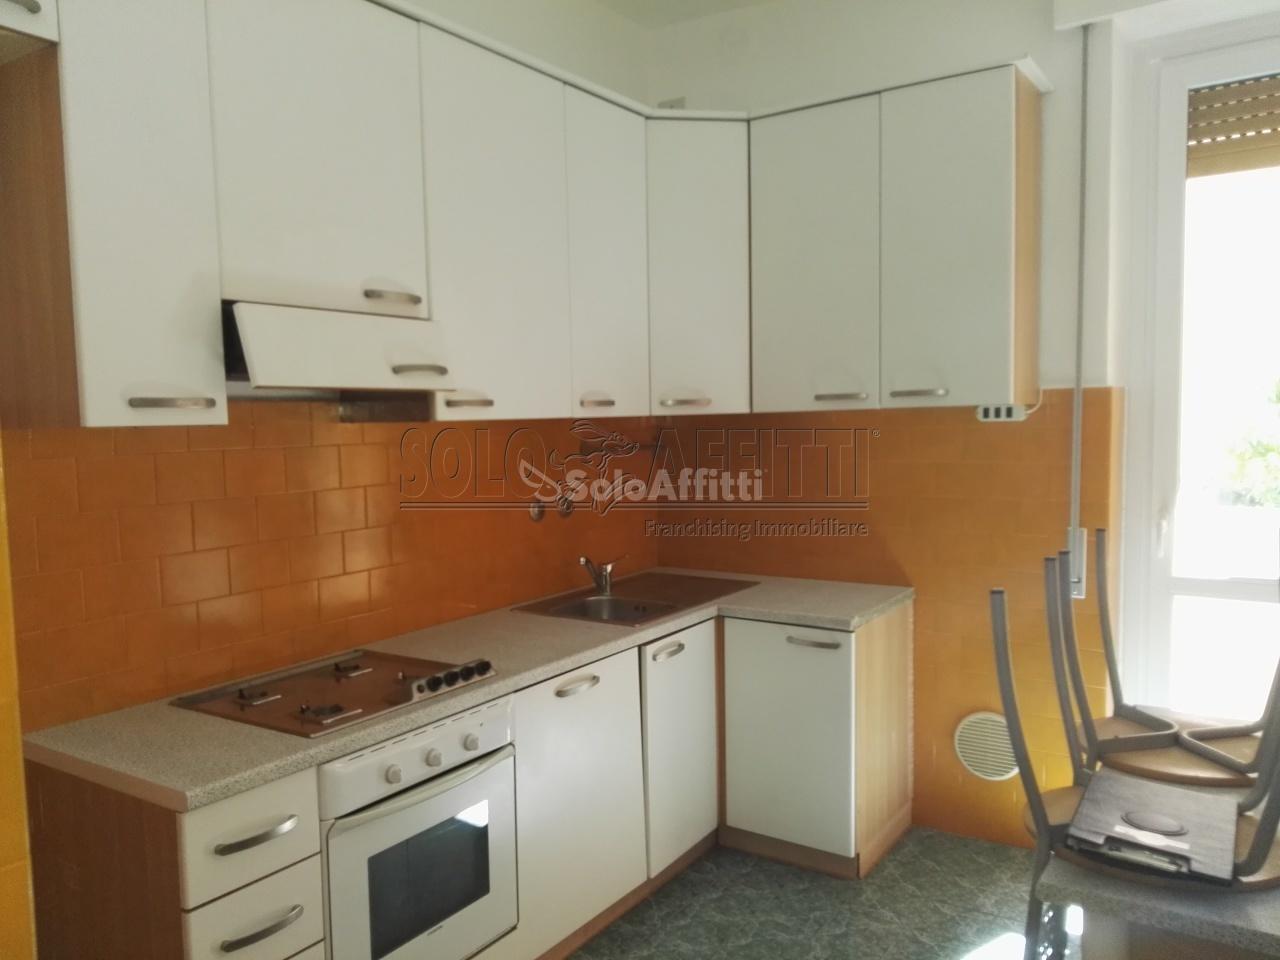 Affitto appartamento trilocale arredato 100 mq for Affitto saronno arredato